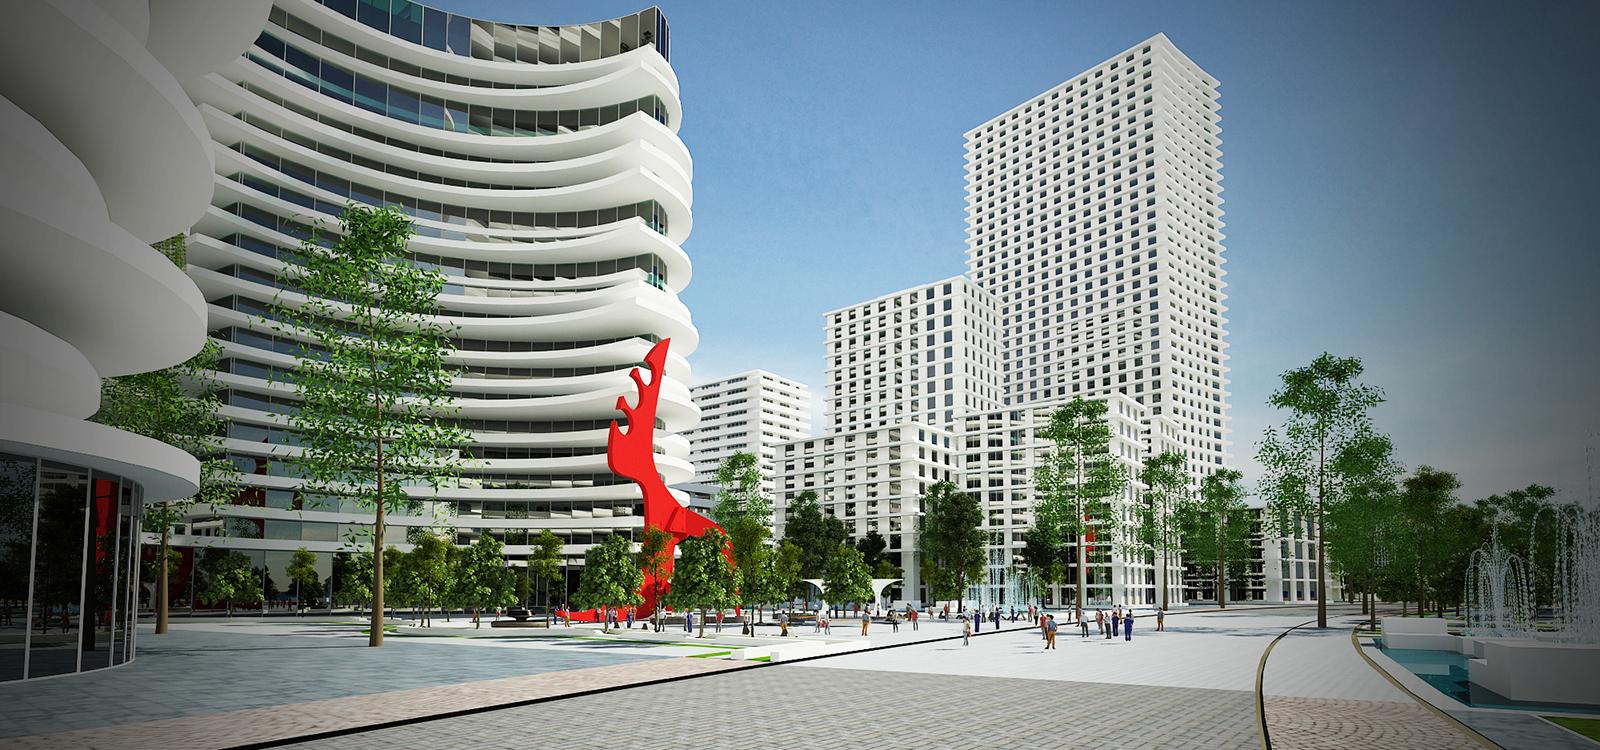 Khách sạn A la carte Hạ Long - Một dự án nằm trong quy hoạch KĐT Hùng Thắng